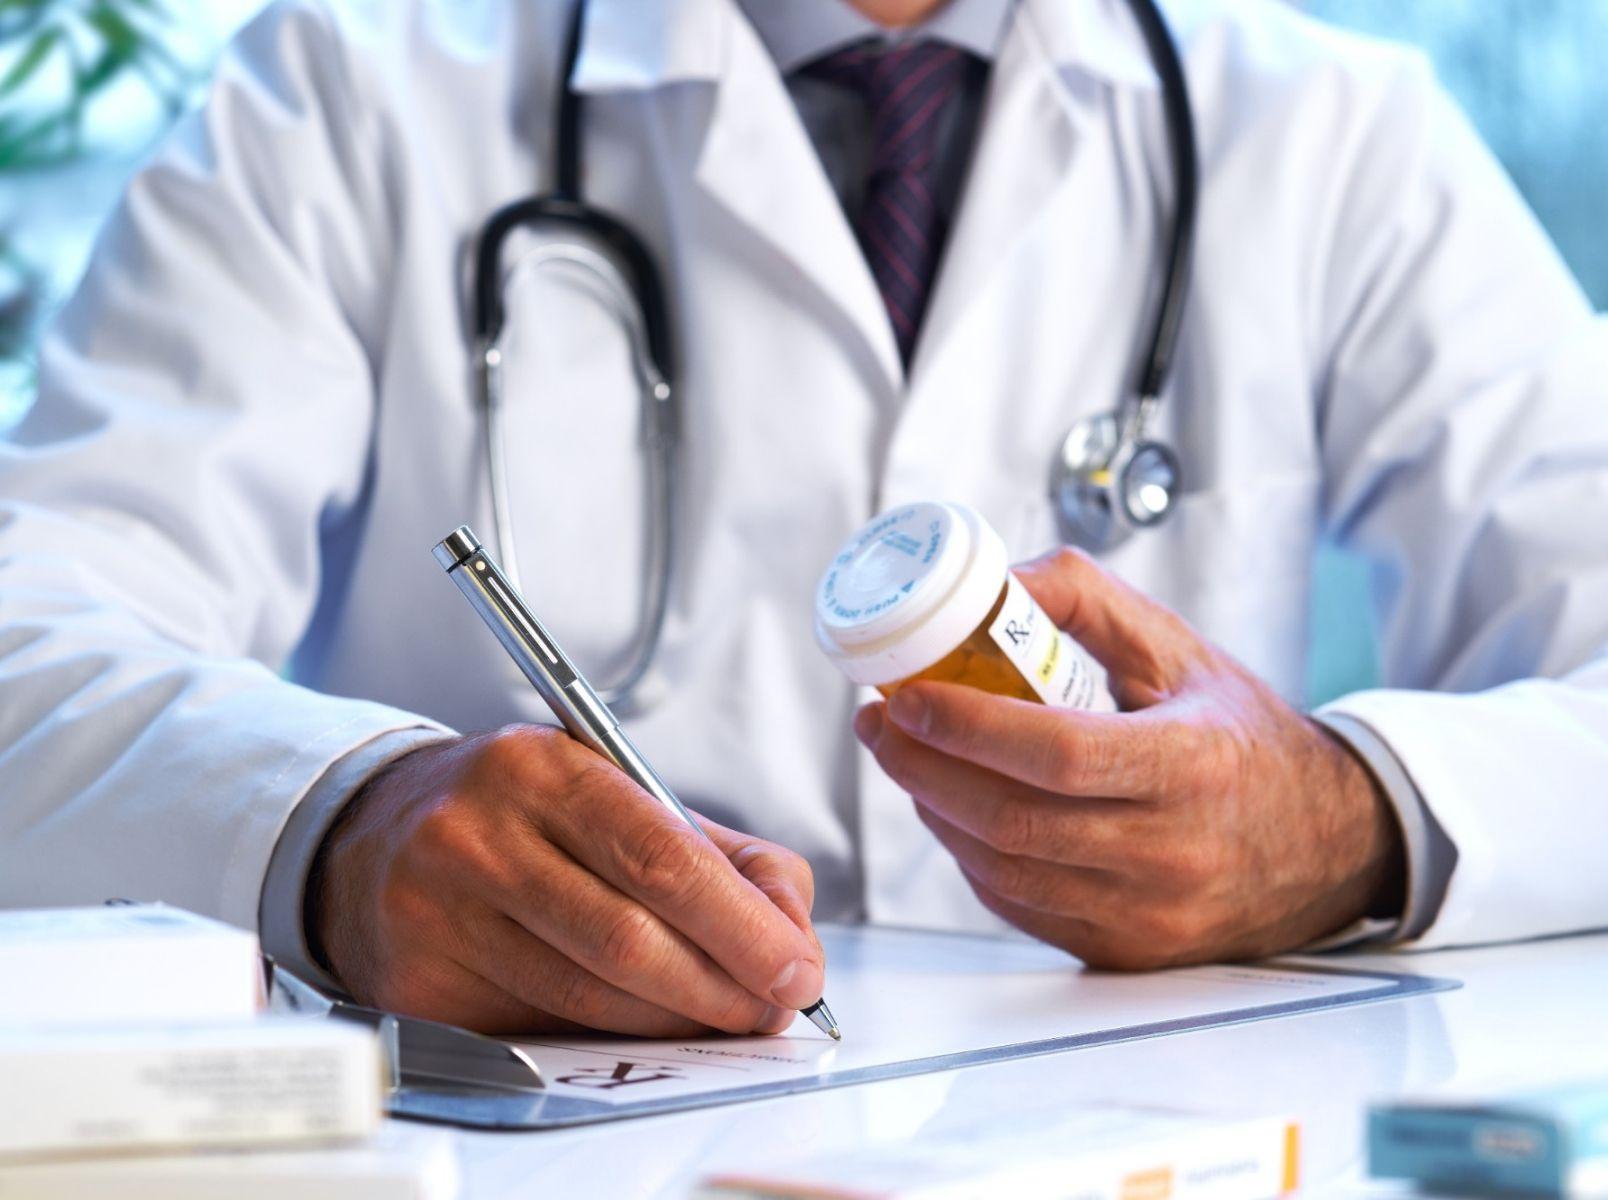 В России могут декриминализировать нарушения, допущенные медиками